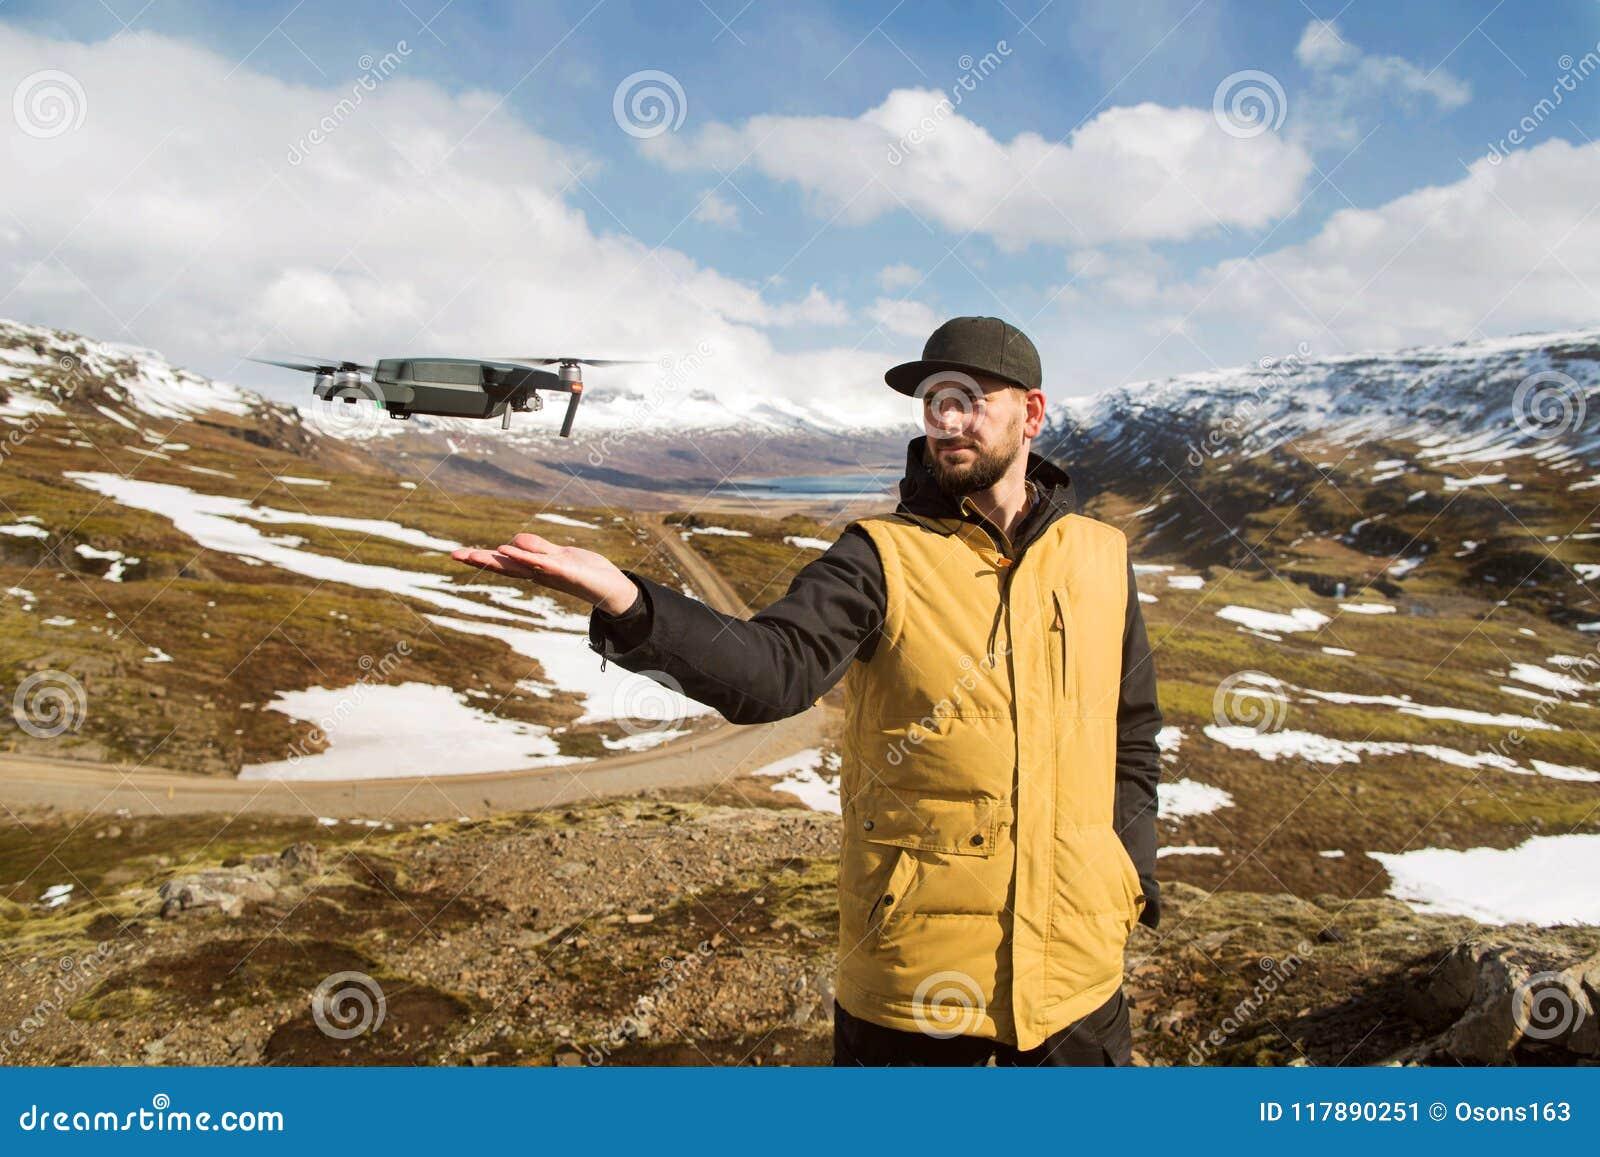 De kereltoerist lanceert quadrocopter met indient de bergen